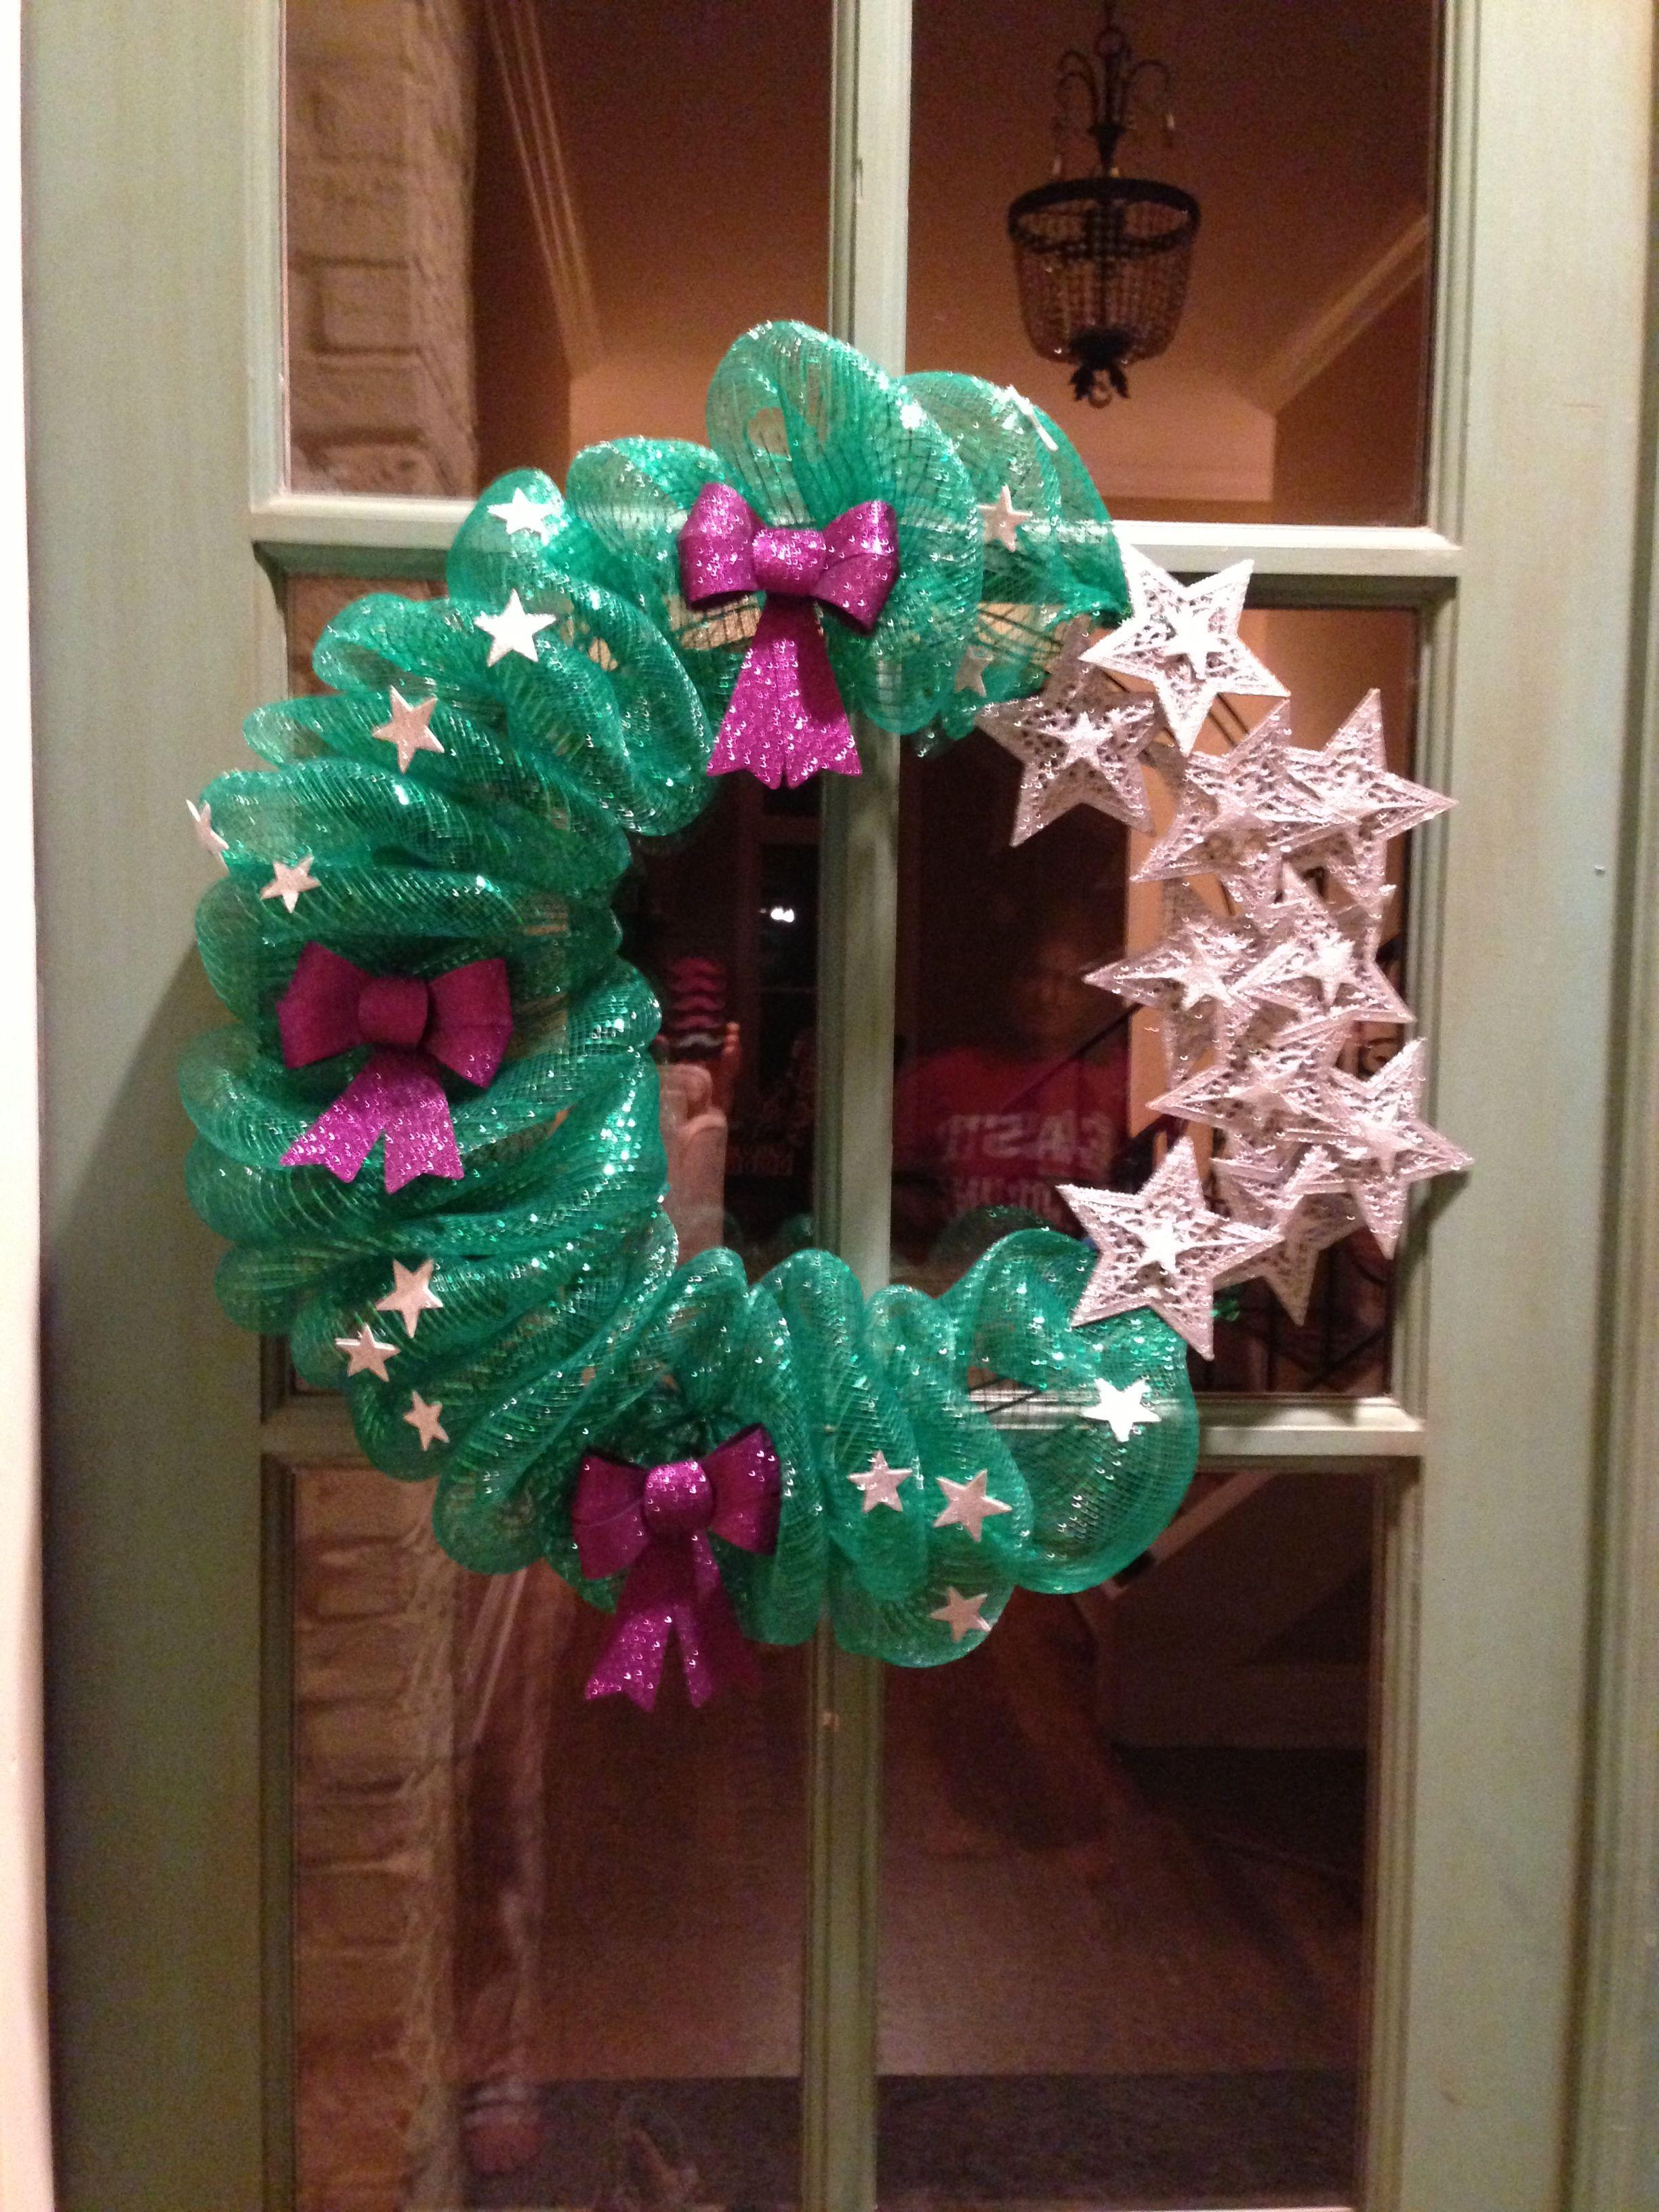 Eid El Adha Wreath For The Upcoming Muslim Holiday Eid